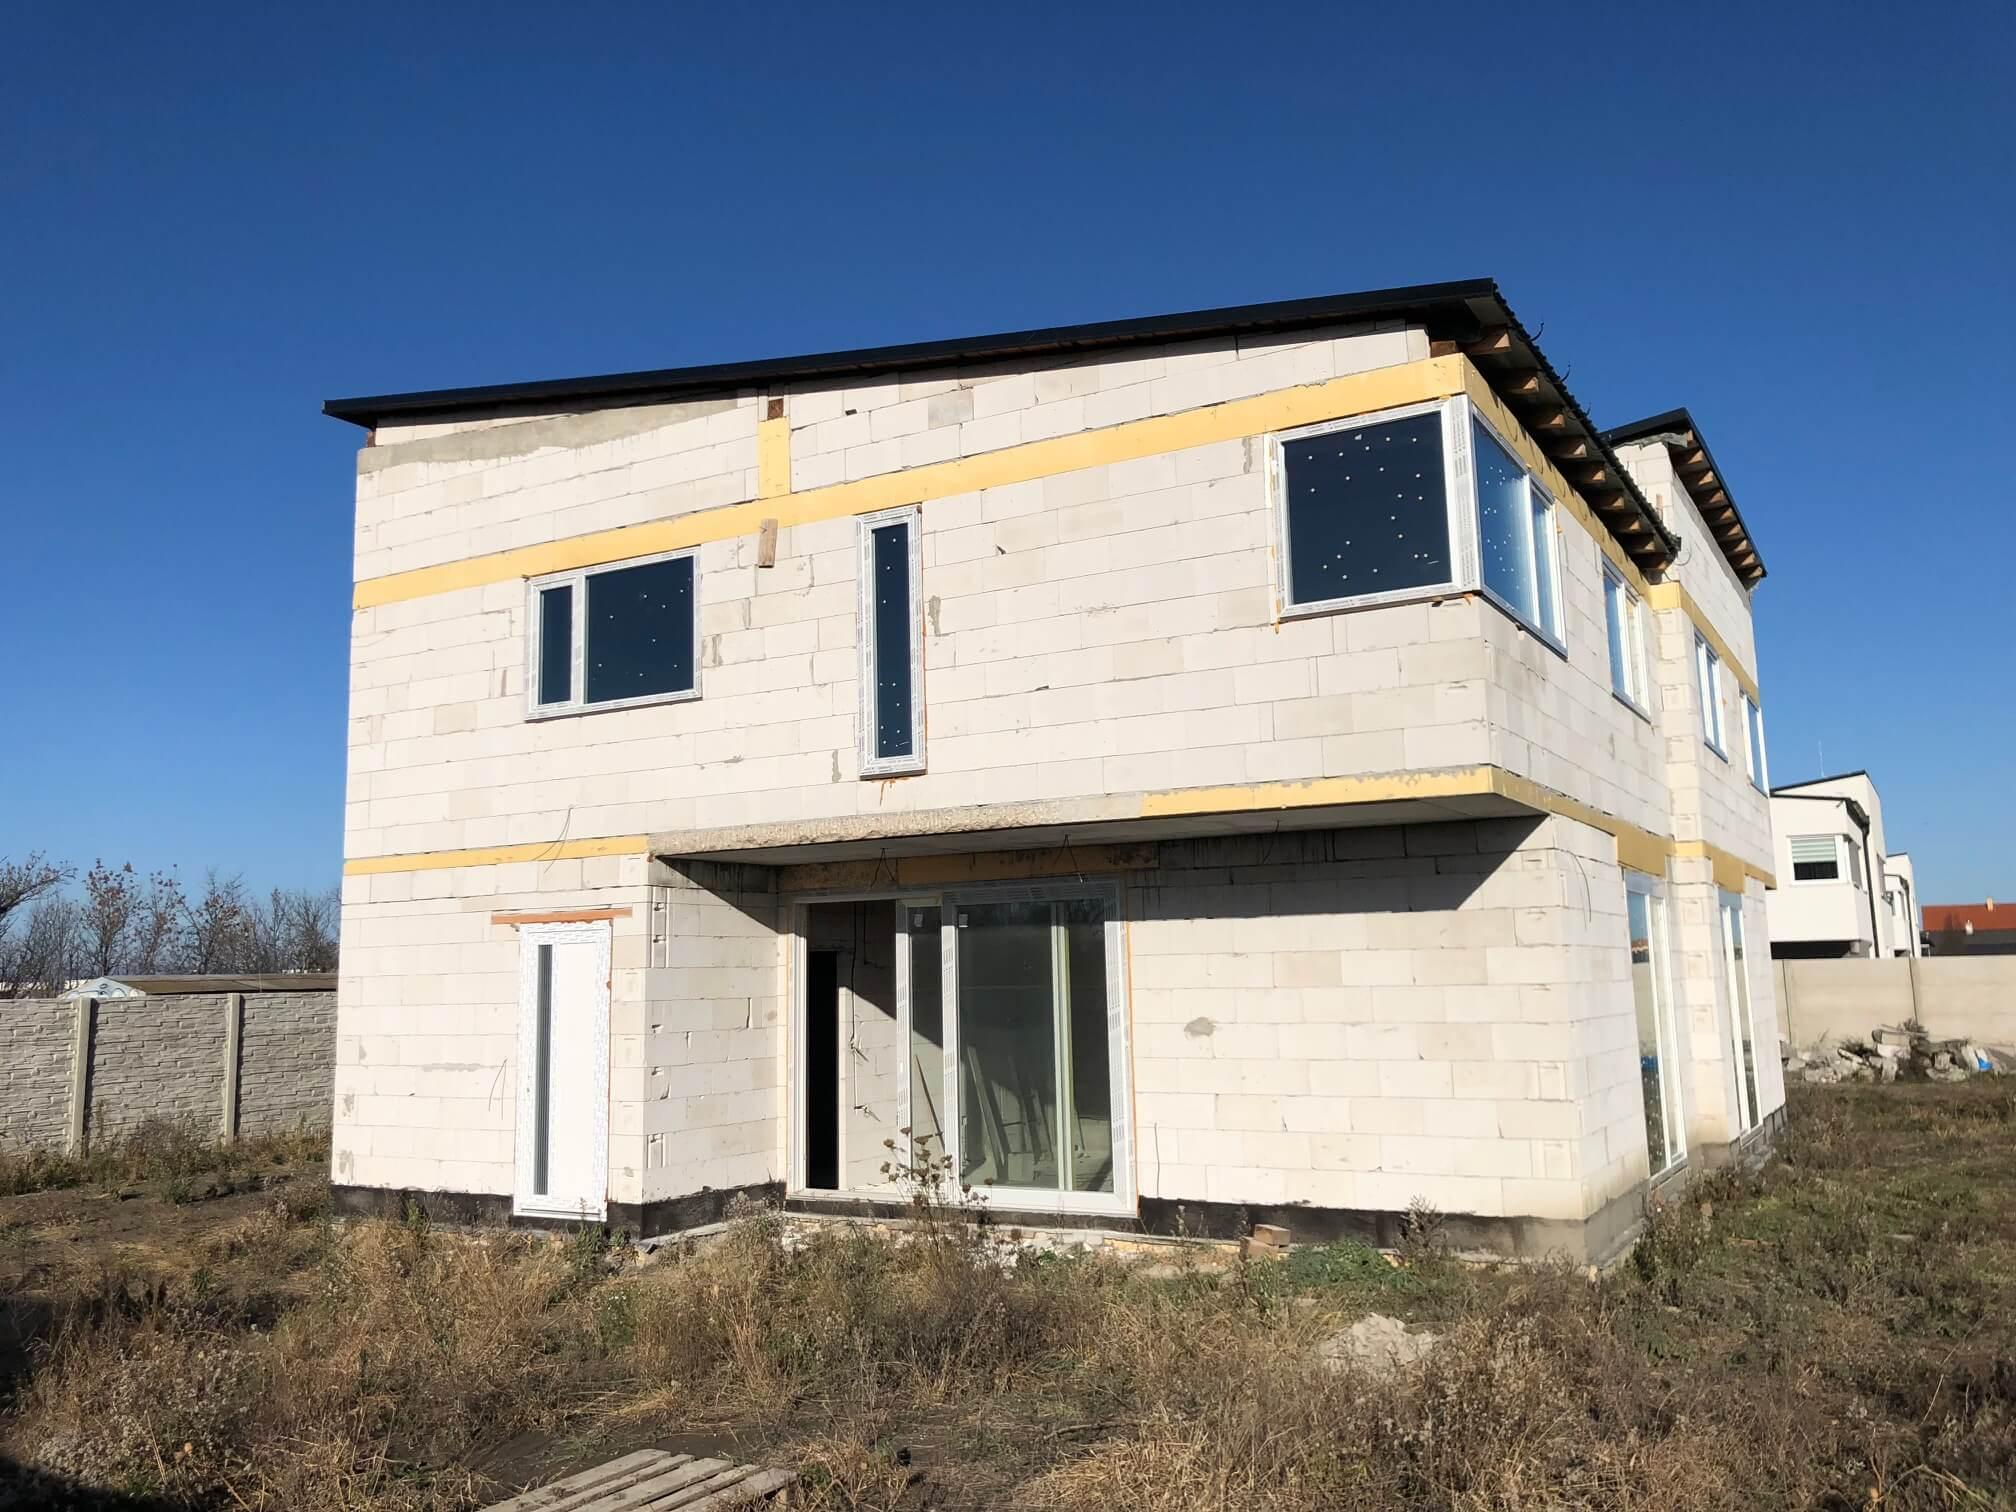 Predané: RD s 2 bytovými jednotkami, Novostavba v Dunajskej Lužnej, 2X: 4 izbový,pozemok 422m2,úžitkova 106m2-9